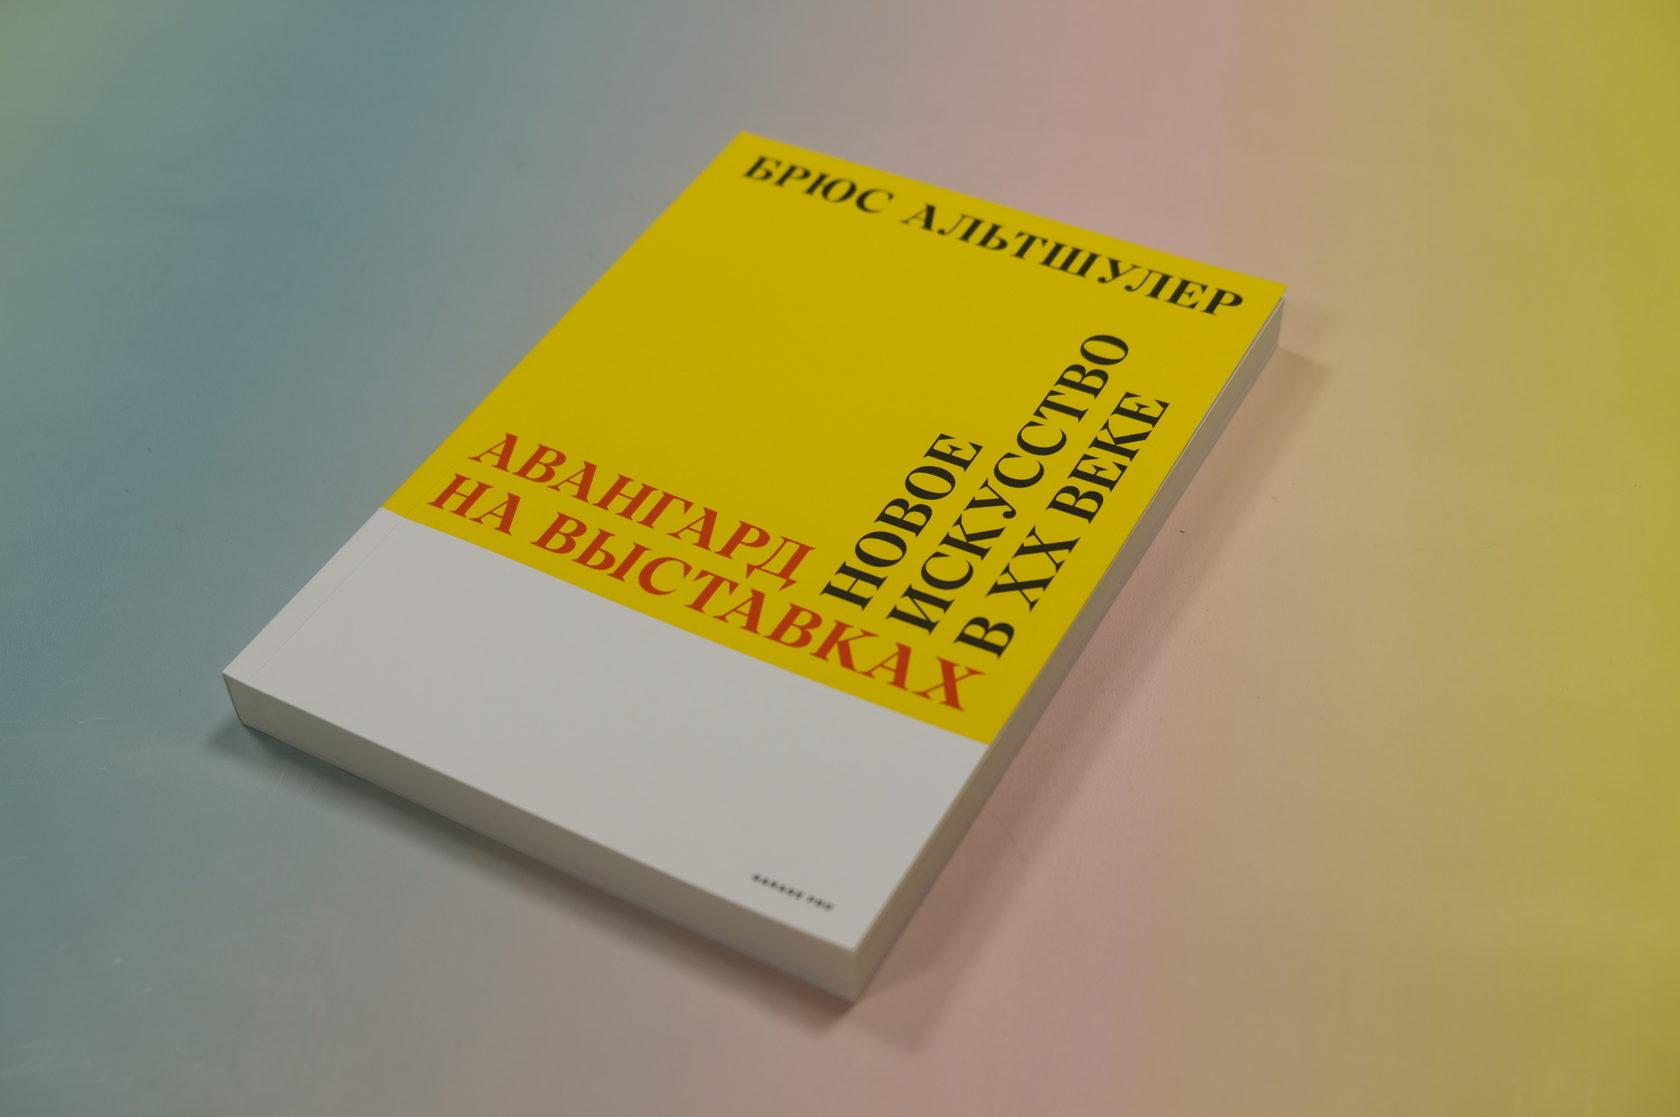 Брюс Альтшулер «Авангард на выставках. Новое искусство в ХХ веке»